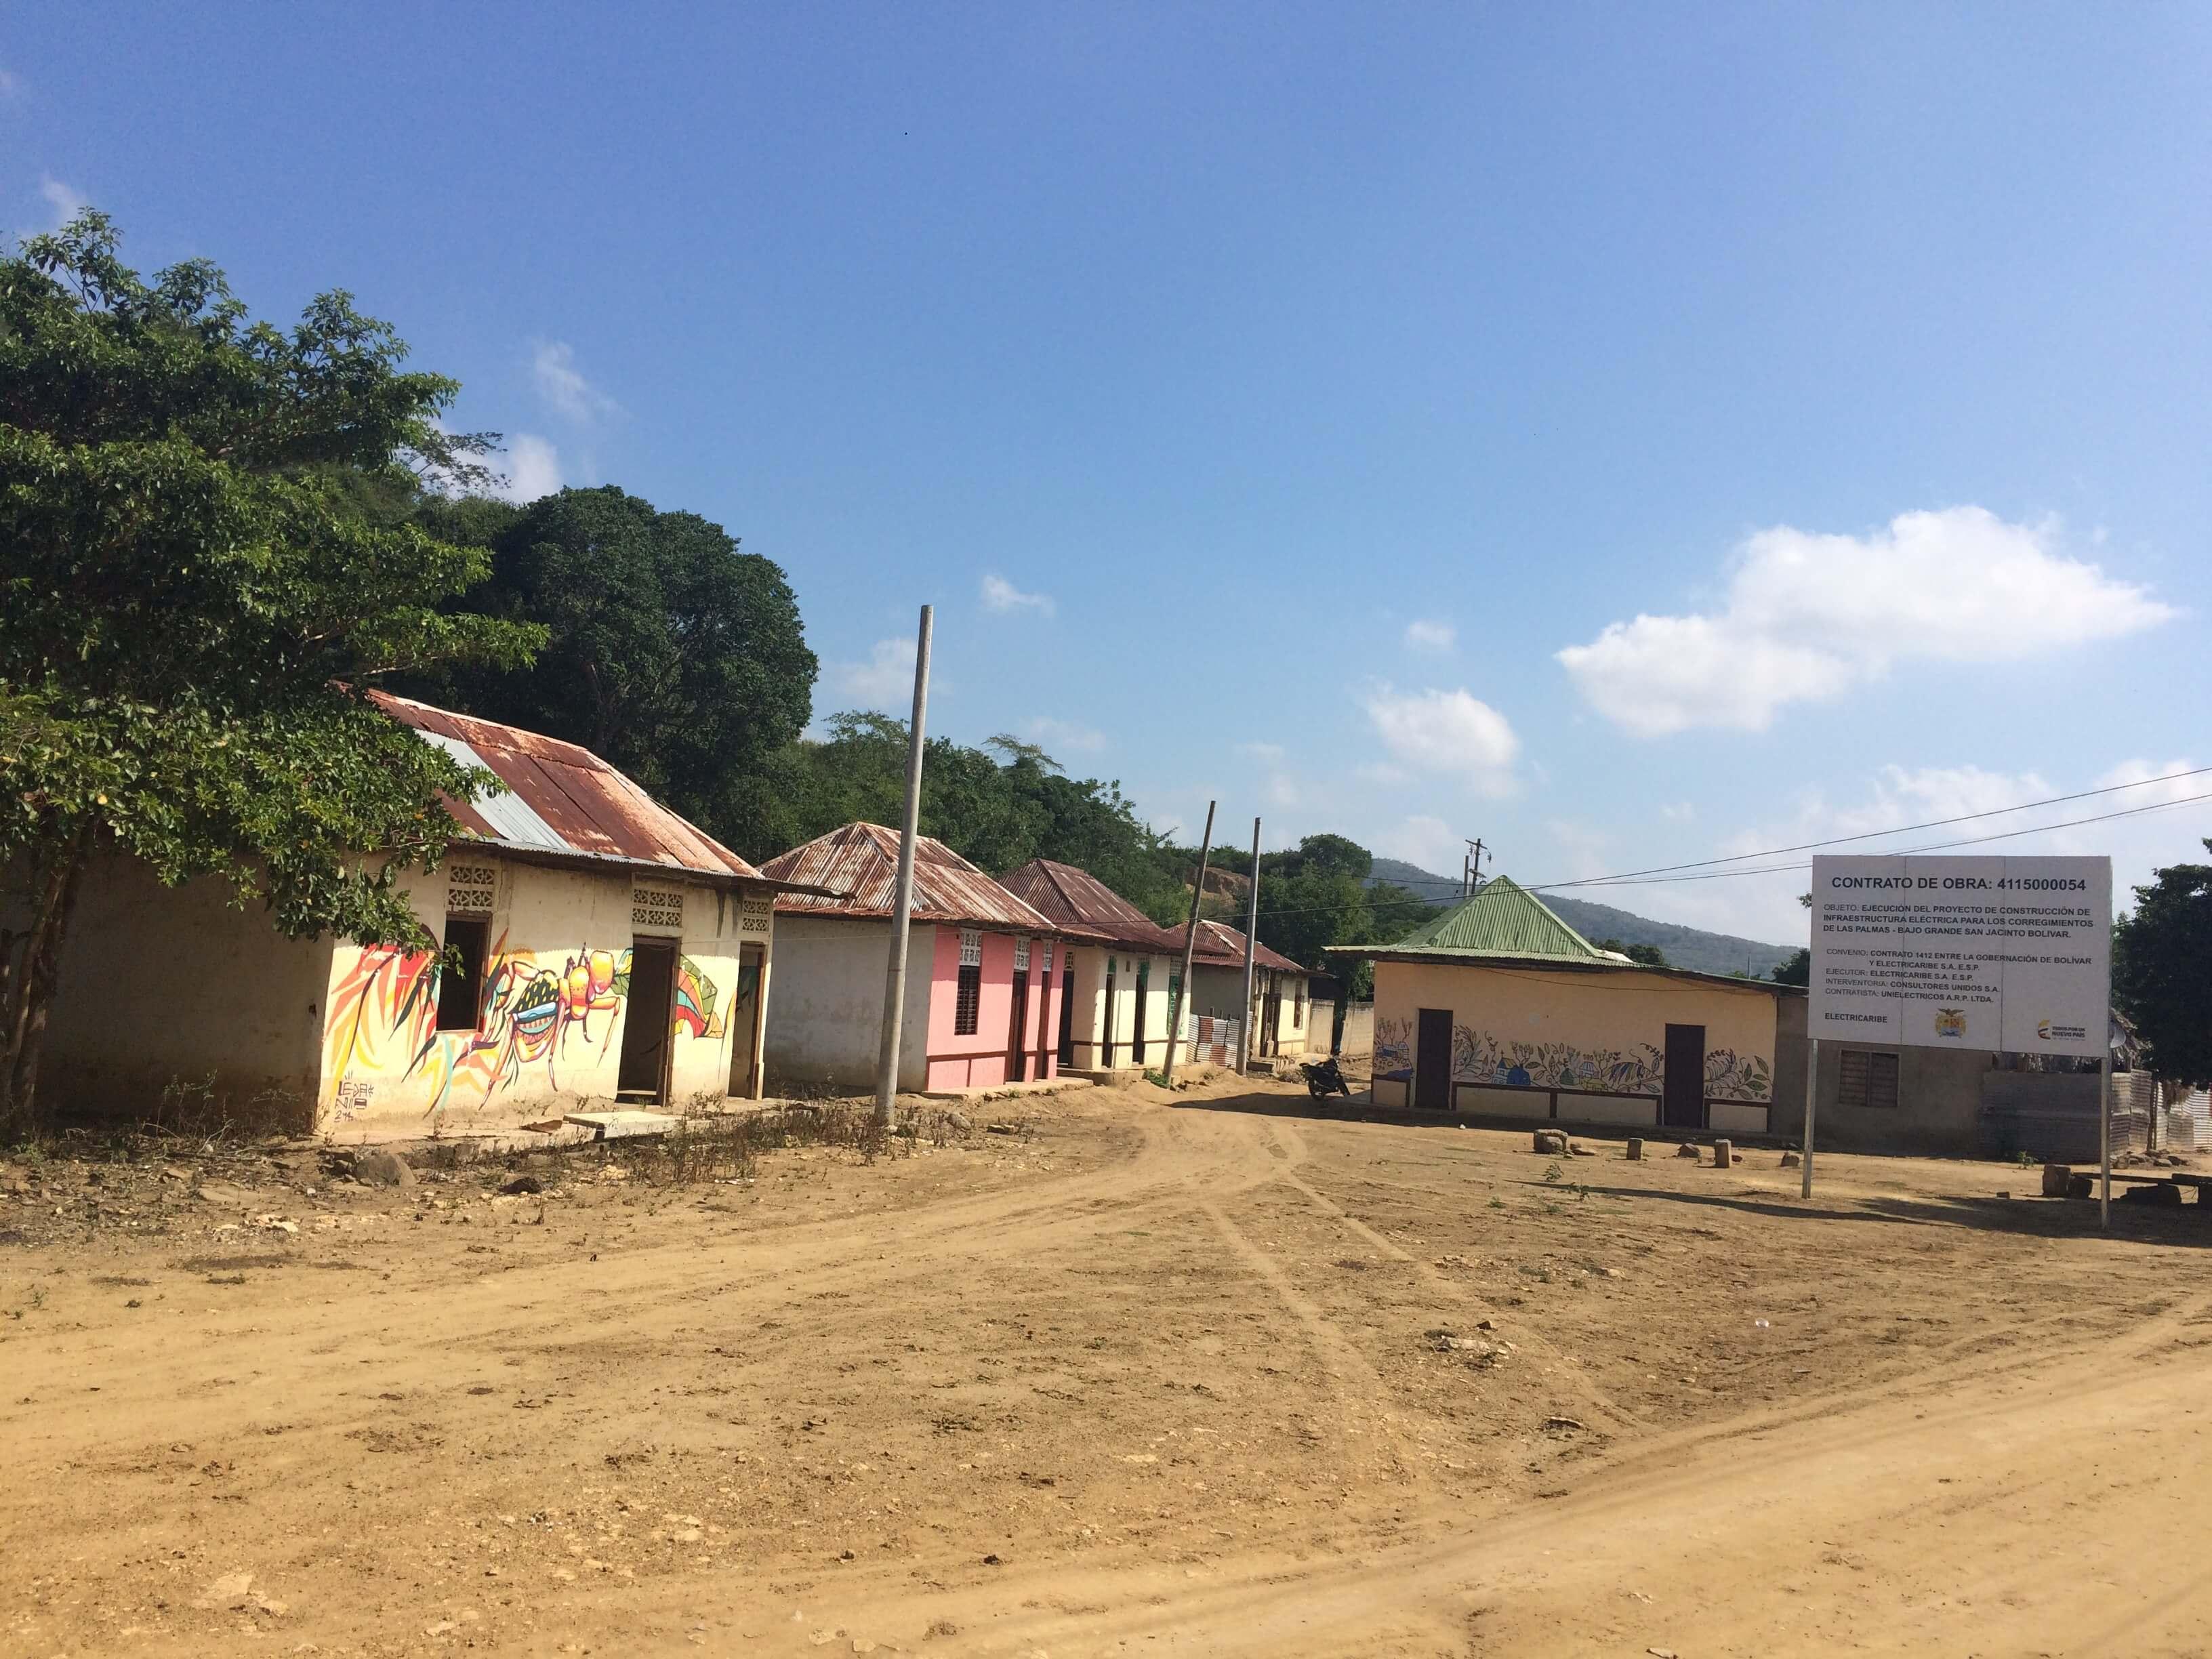 Reparación a las víctimas: lo que nos enseña un estudio sobre el retorno de Las Palmas